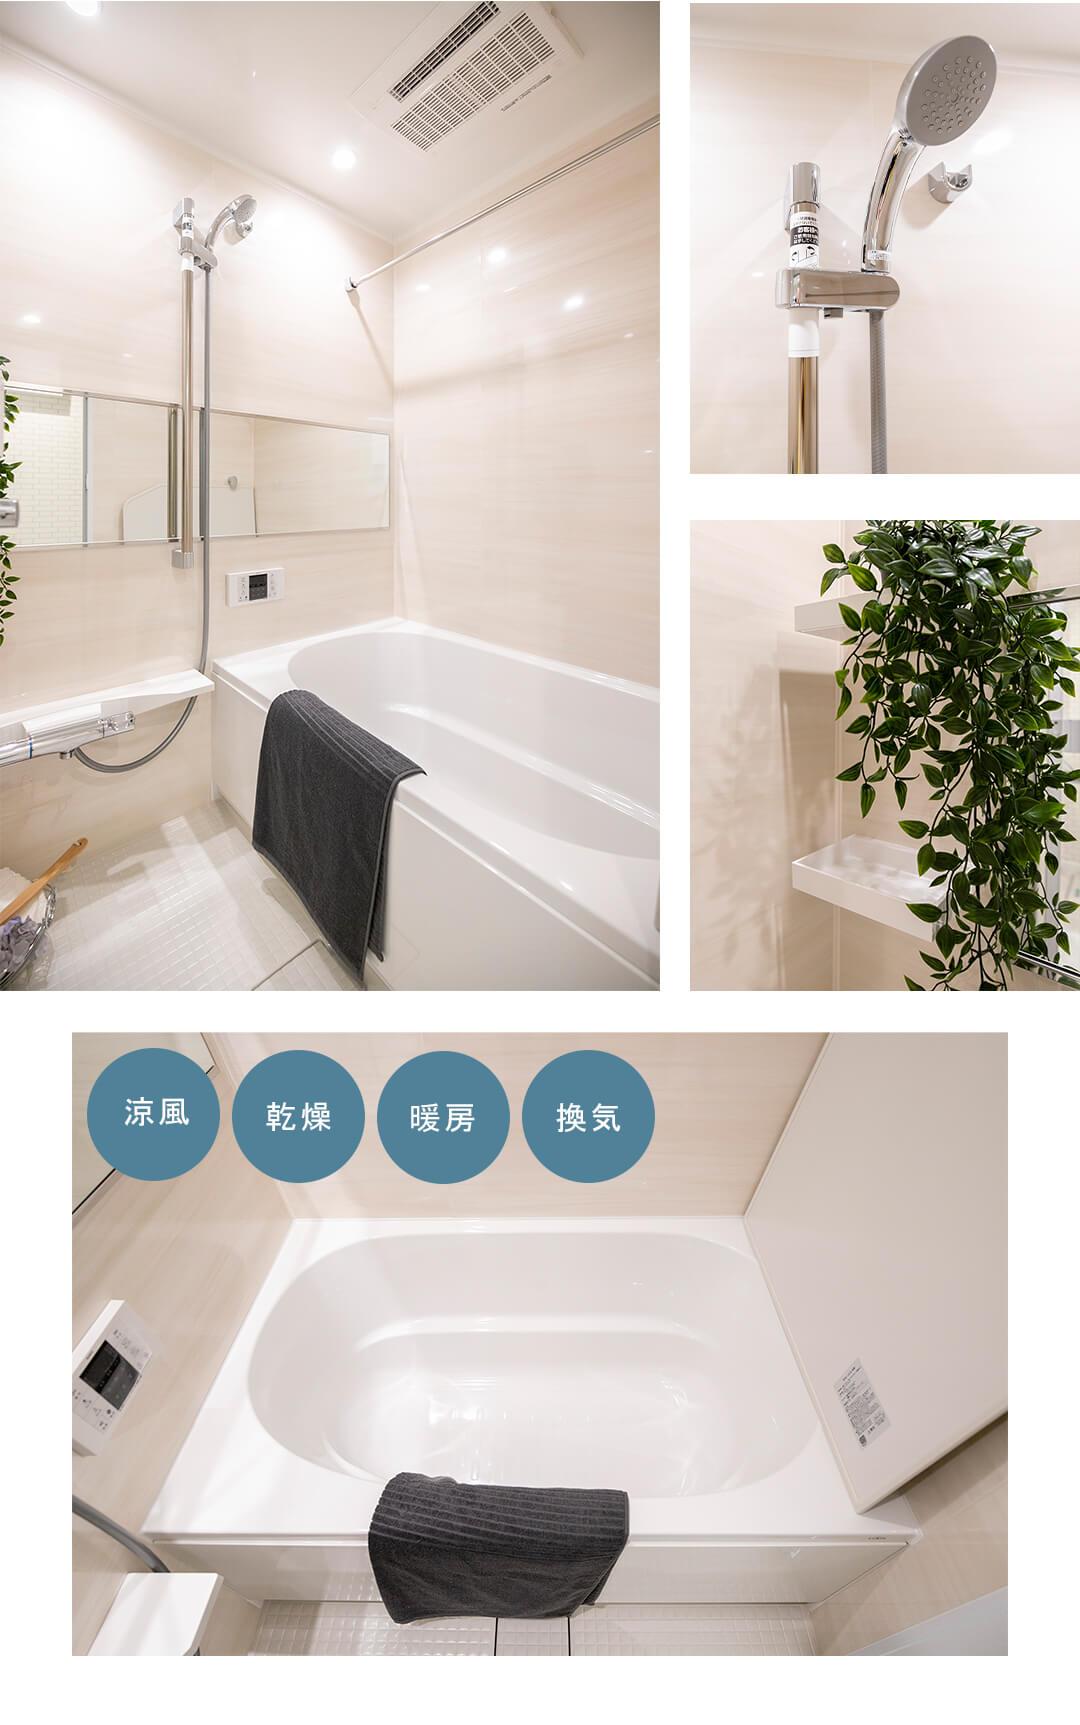 上用賀スカイマンションの浴室